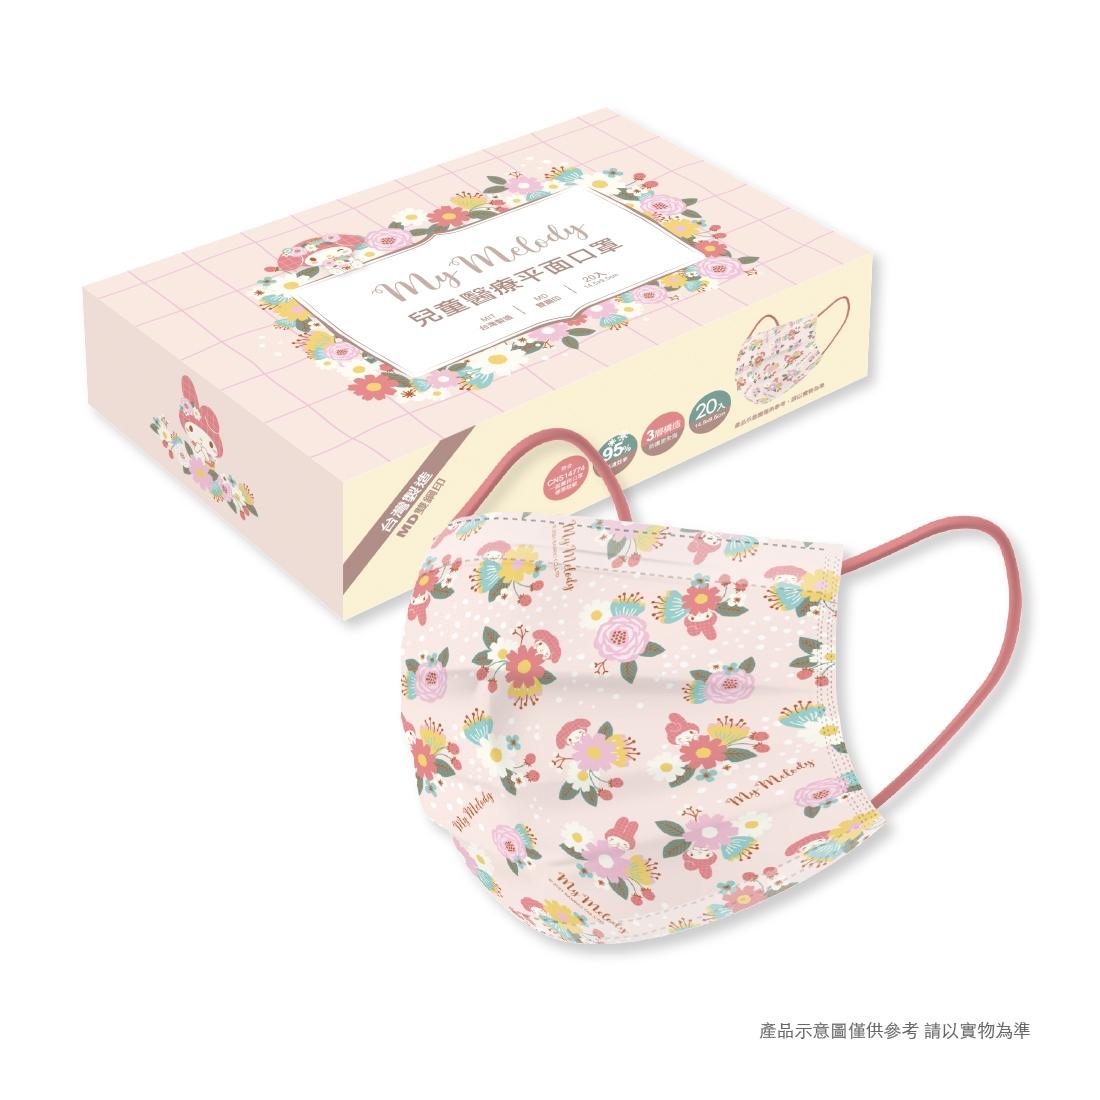 少女們尖叫!三麗鷗雙子星、美樂蒂夢幻花花醫療口罩  只在「這裡」獨家限量販售